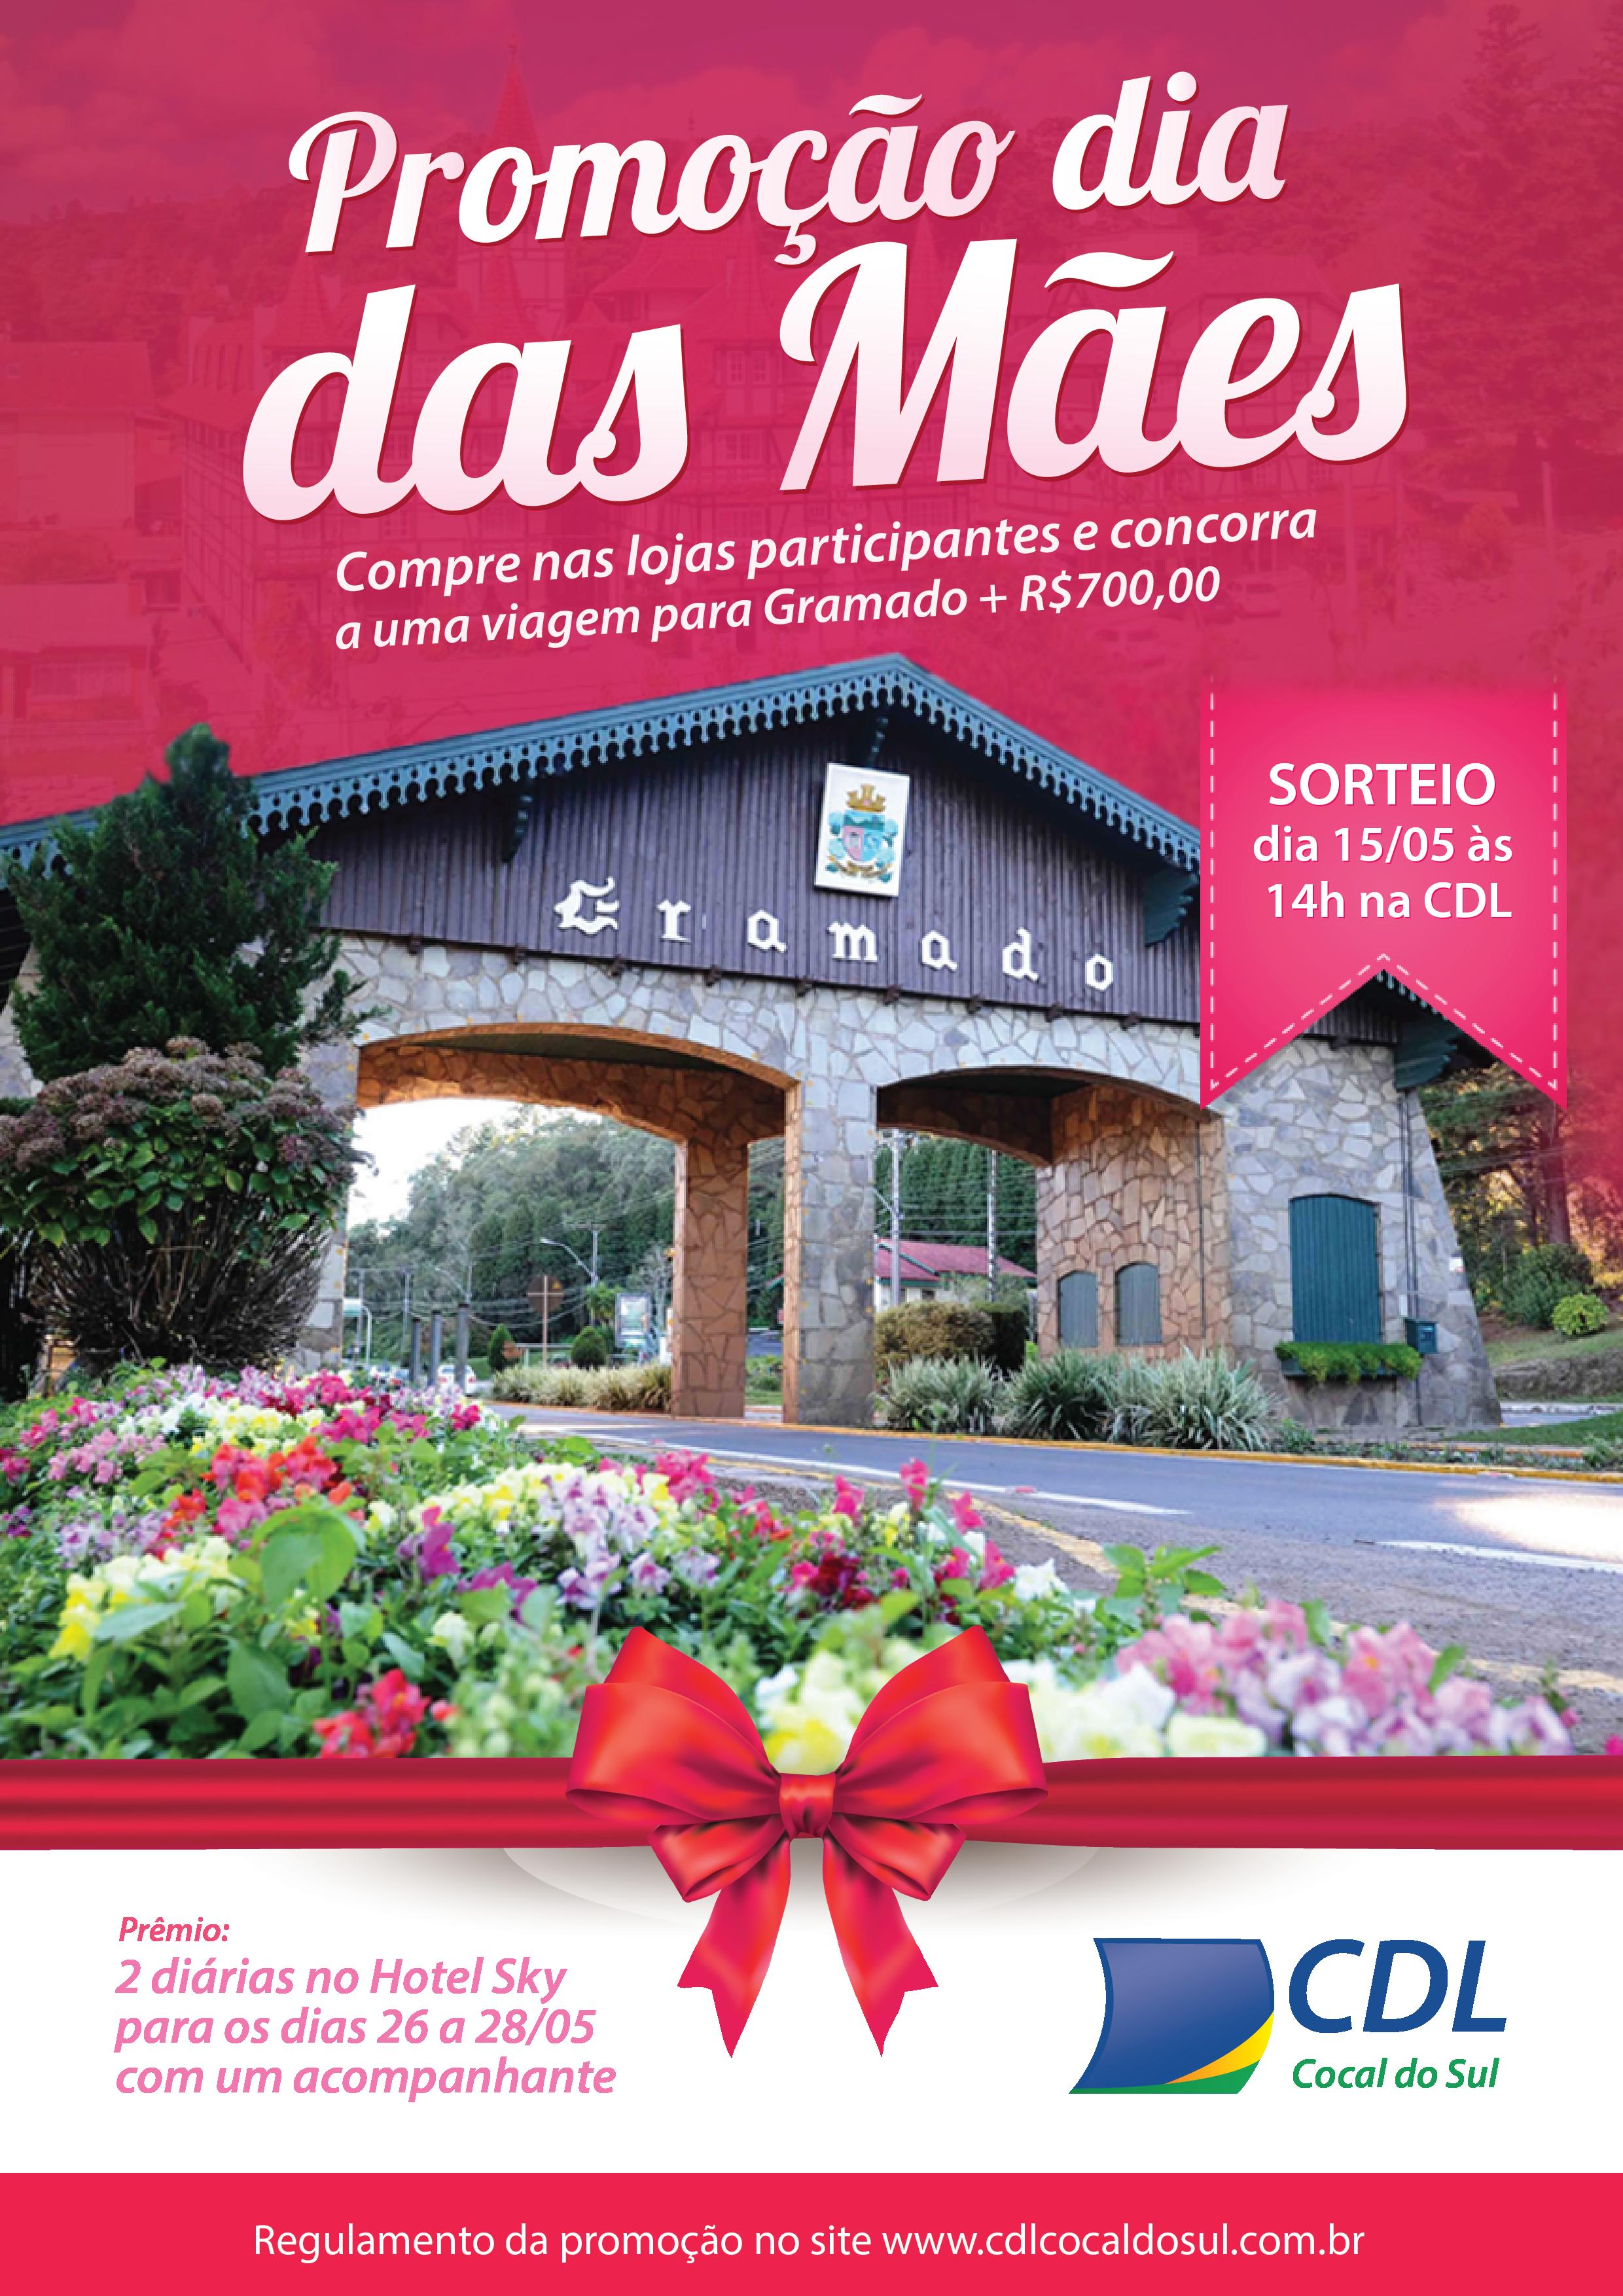 Promoção da CDL de Cocal do Sul, leva uma mamãe para Gramado!